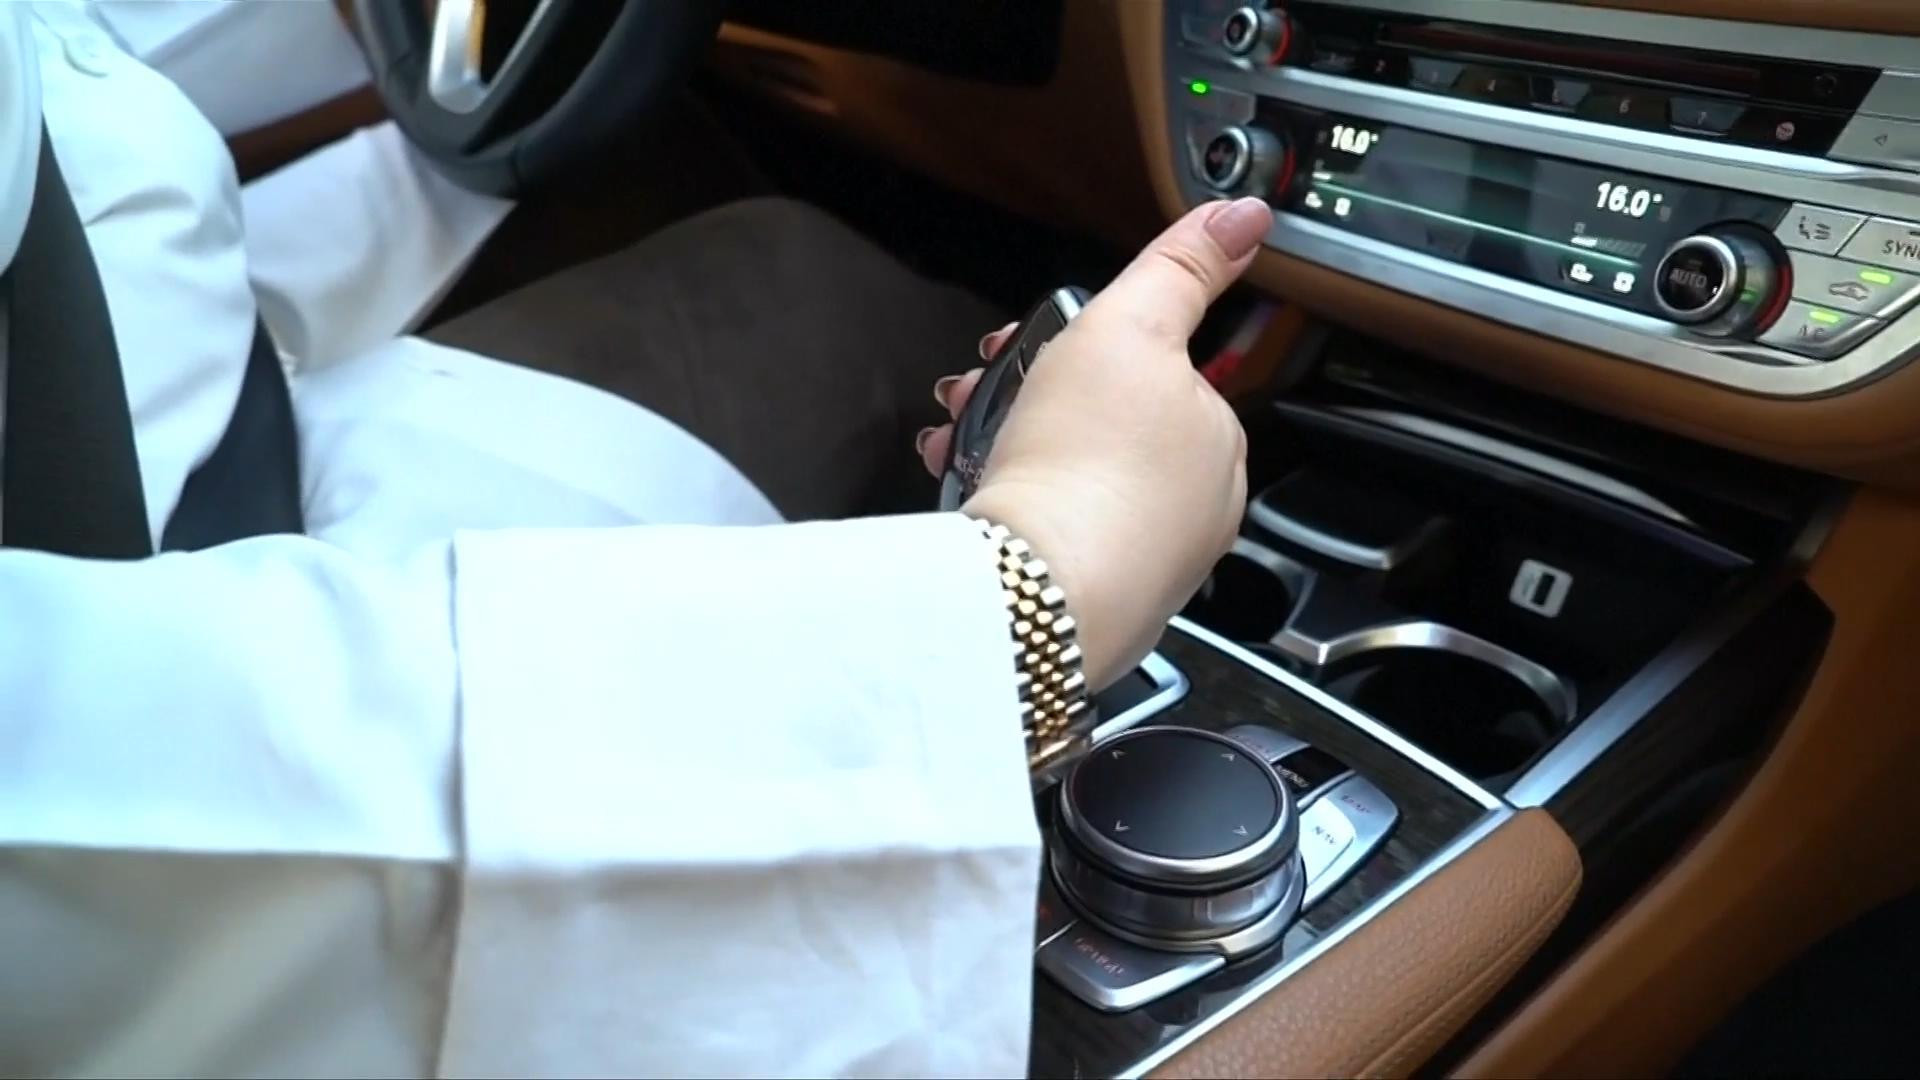 沙特阿拉伯取消女性驾驶禁令